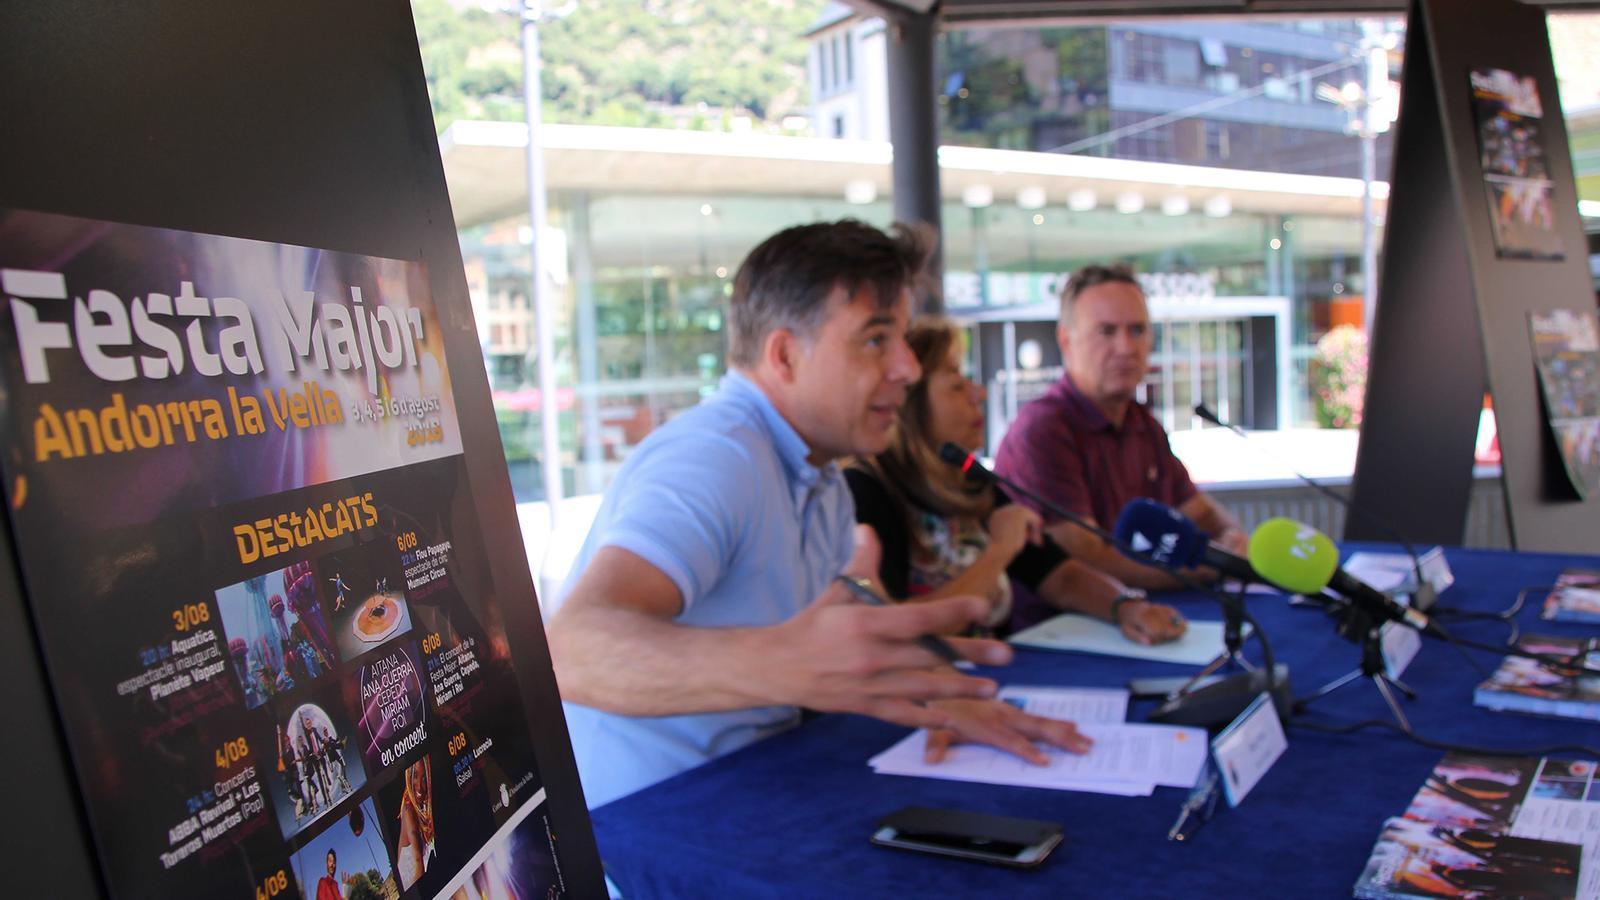 La roda de premsa de la presentació de les activitats de la festa major d'Andorra la Vella s'ha celebrat a la glorieta de la plaça del Poble. / P. R.